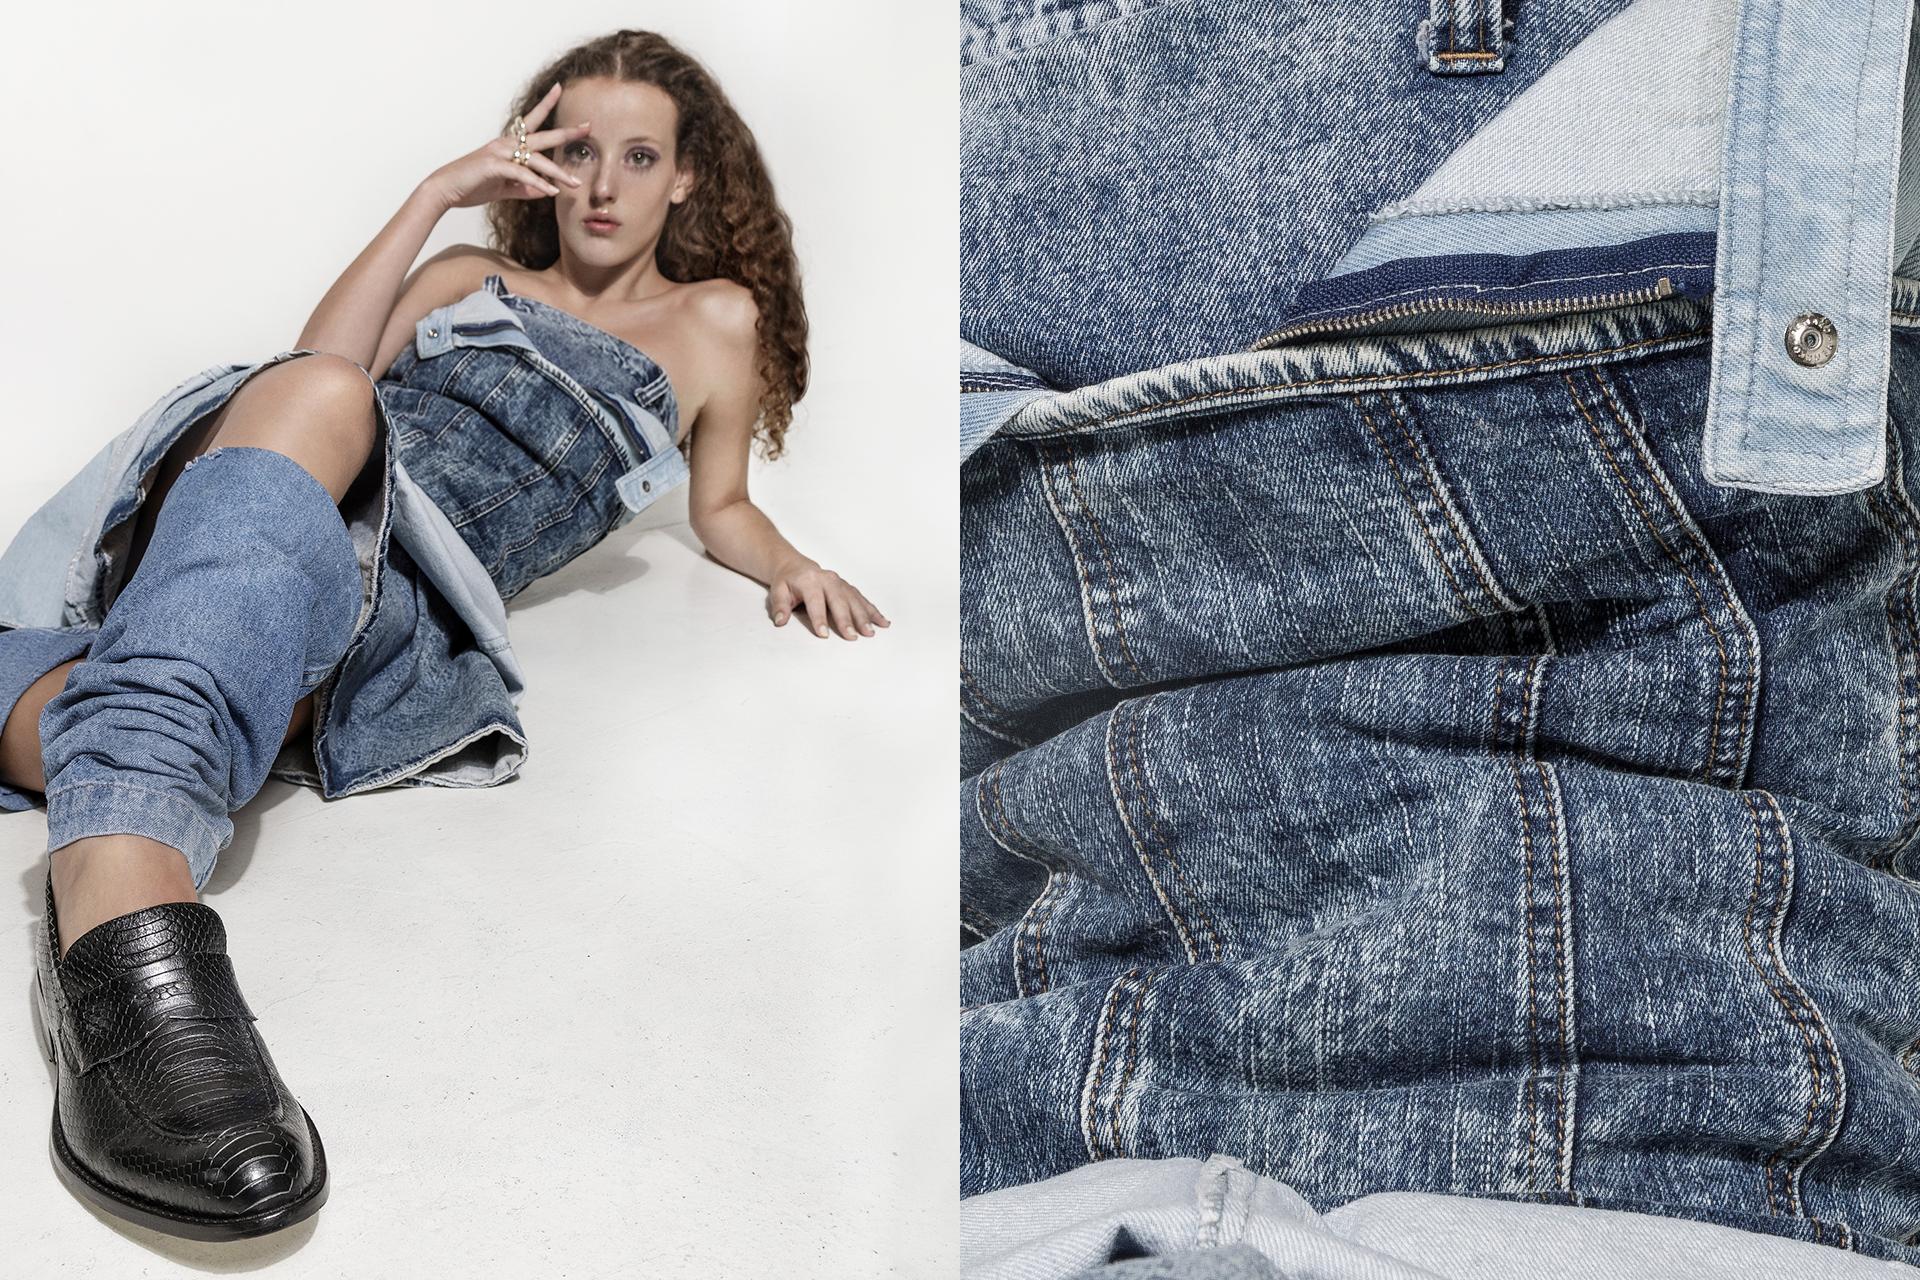 A modelo está deitada com as pernas em direção a camera. Ela veste jeans em diferentes tons de azul como vestido e também polaina. Usa sapatos pretos. A mão direita está no rosto, com a palma espalmada e a esquerda no chão.